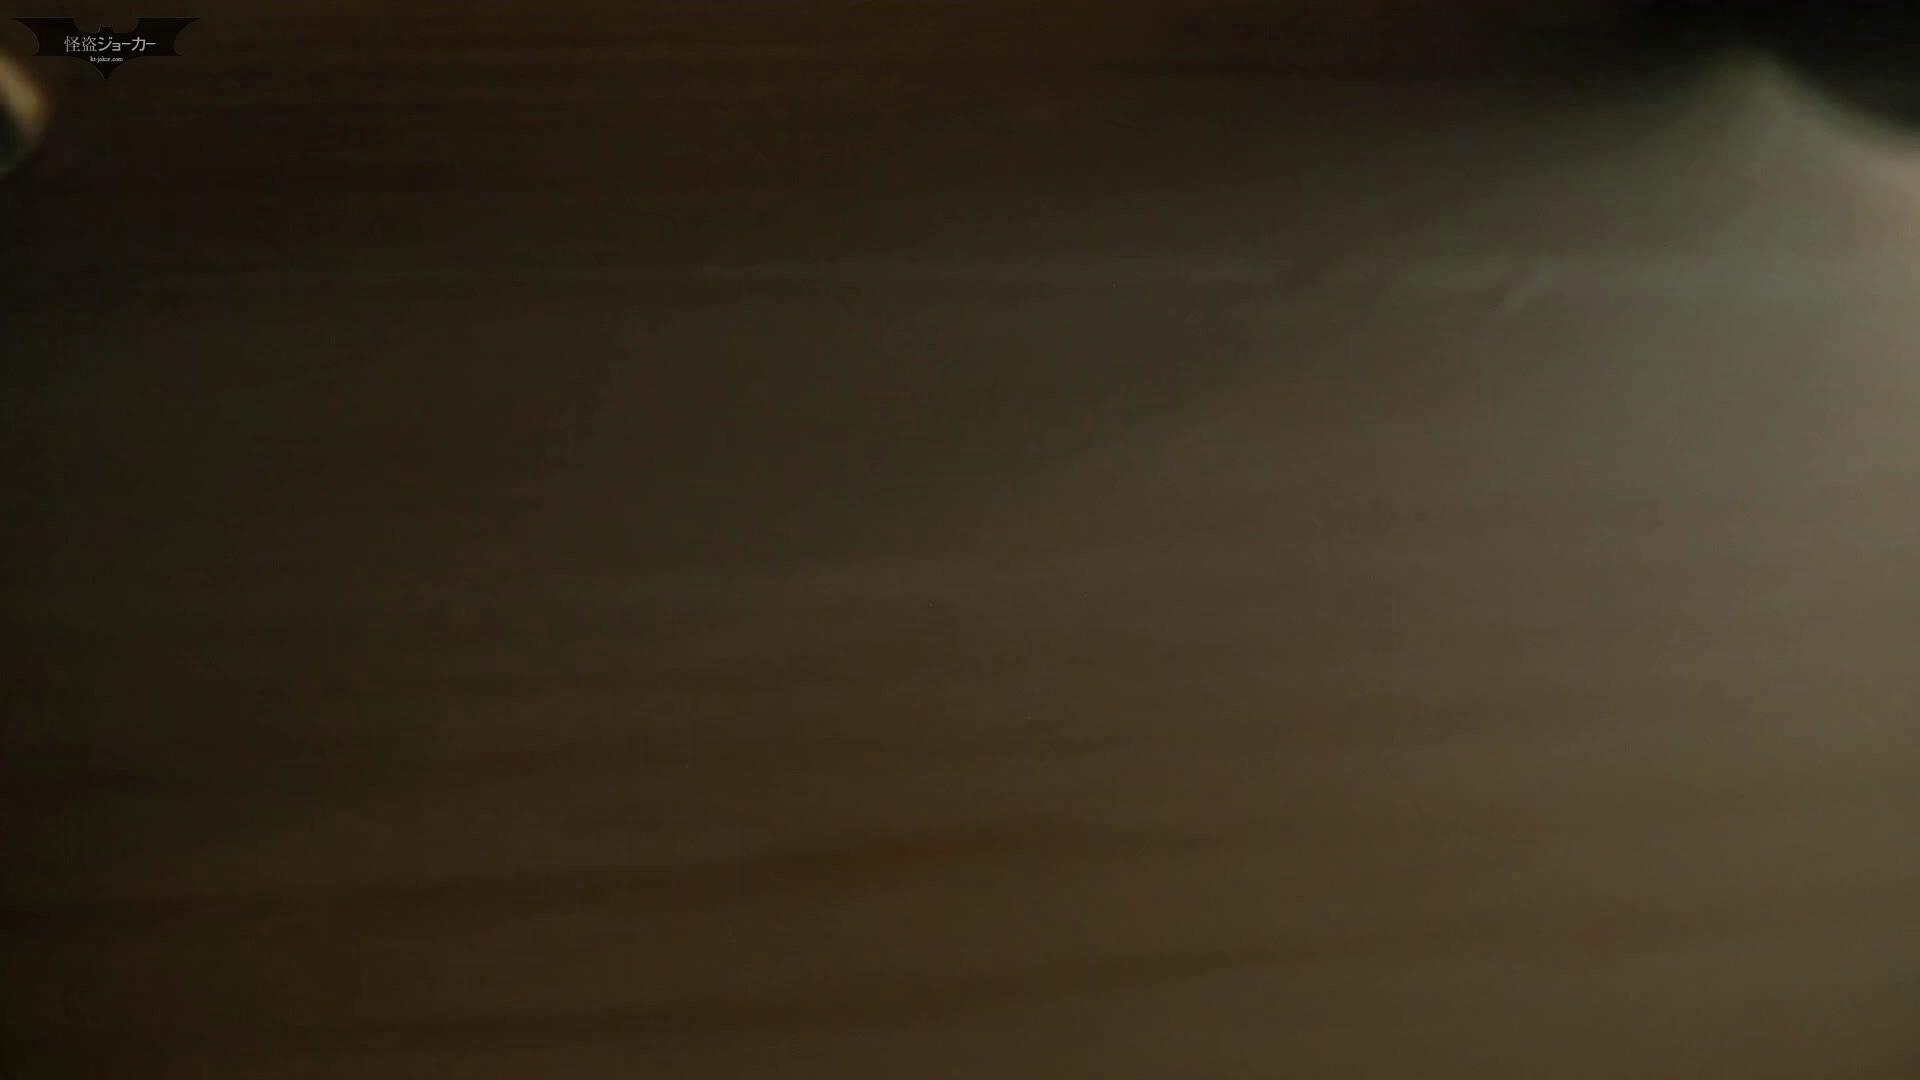 阿国ちゃんの和式洋式七変化 Vol.26 女子会開催でJD大集合! 高画質動画 濡れ場動画紹介 75画像 69